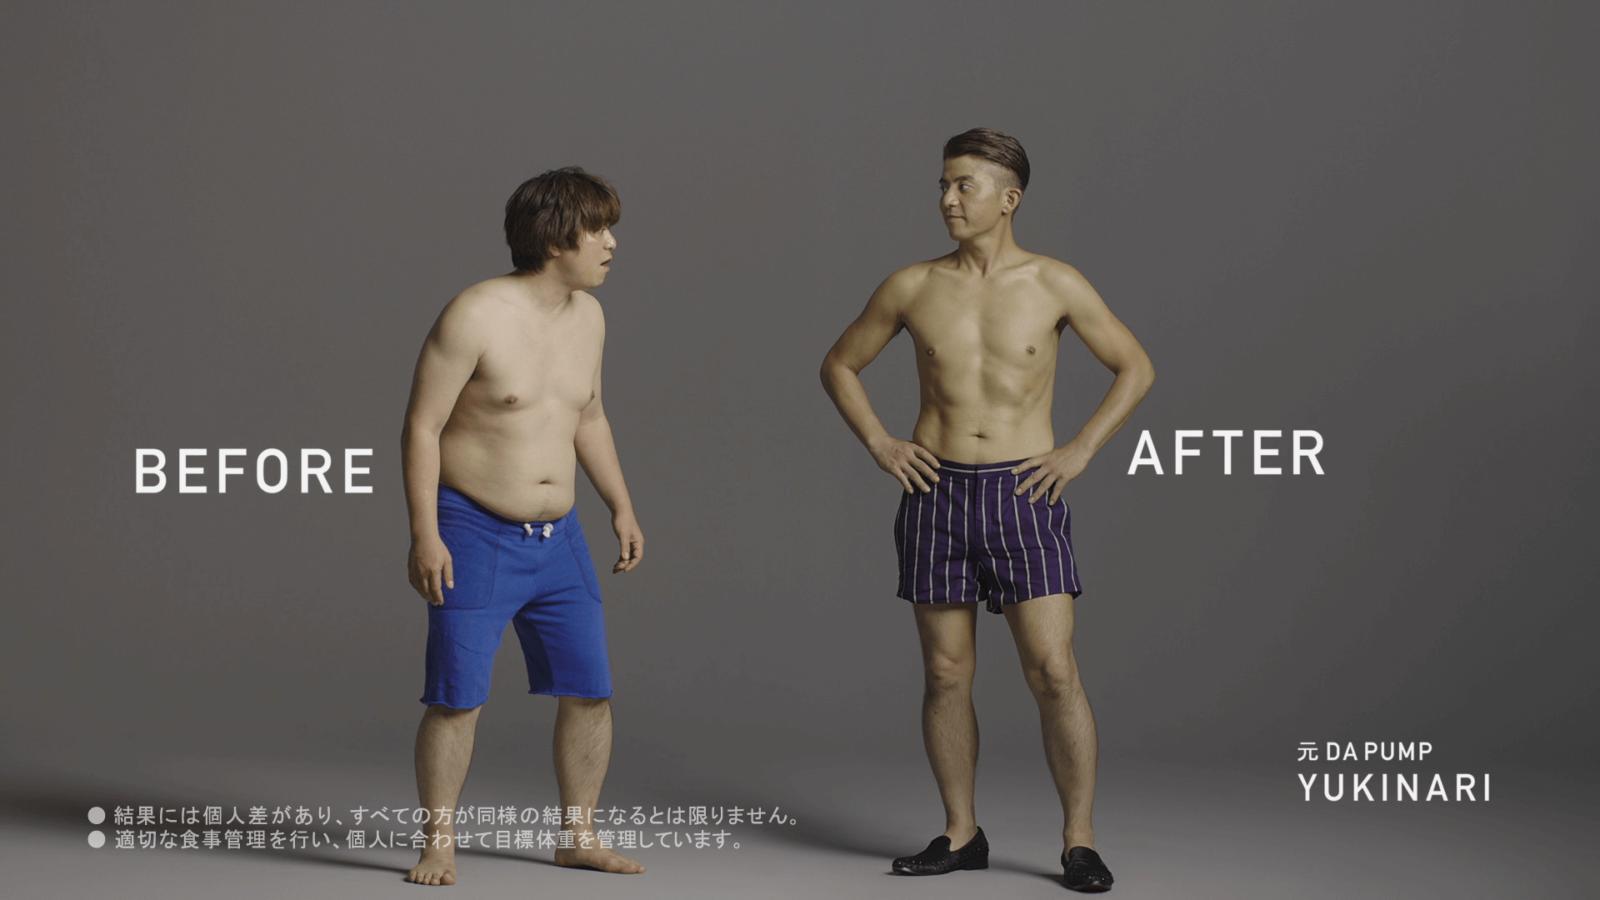 元DA PUMP・YUKINARI、18.1kg減のダイエット劇的変化を披露サムネイル画像!